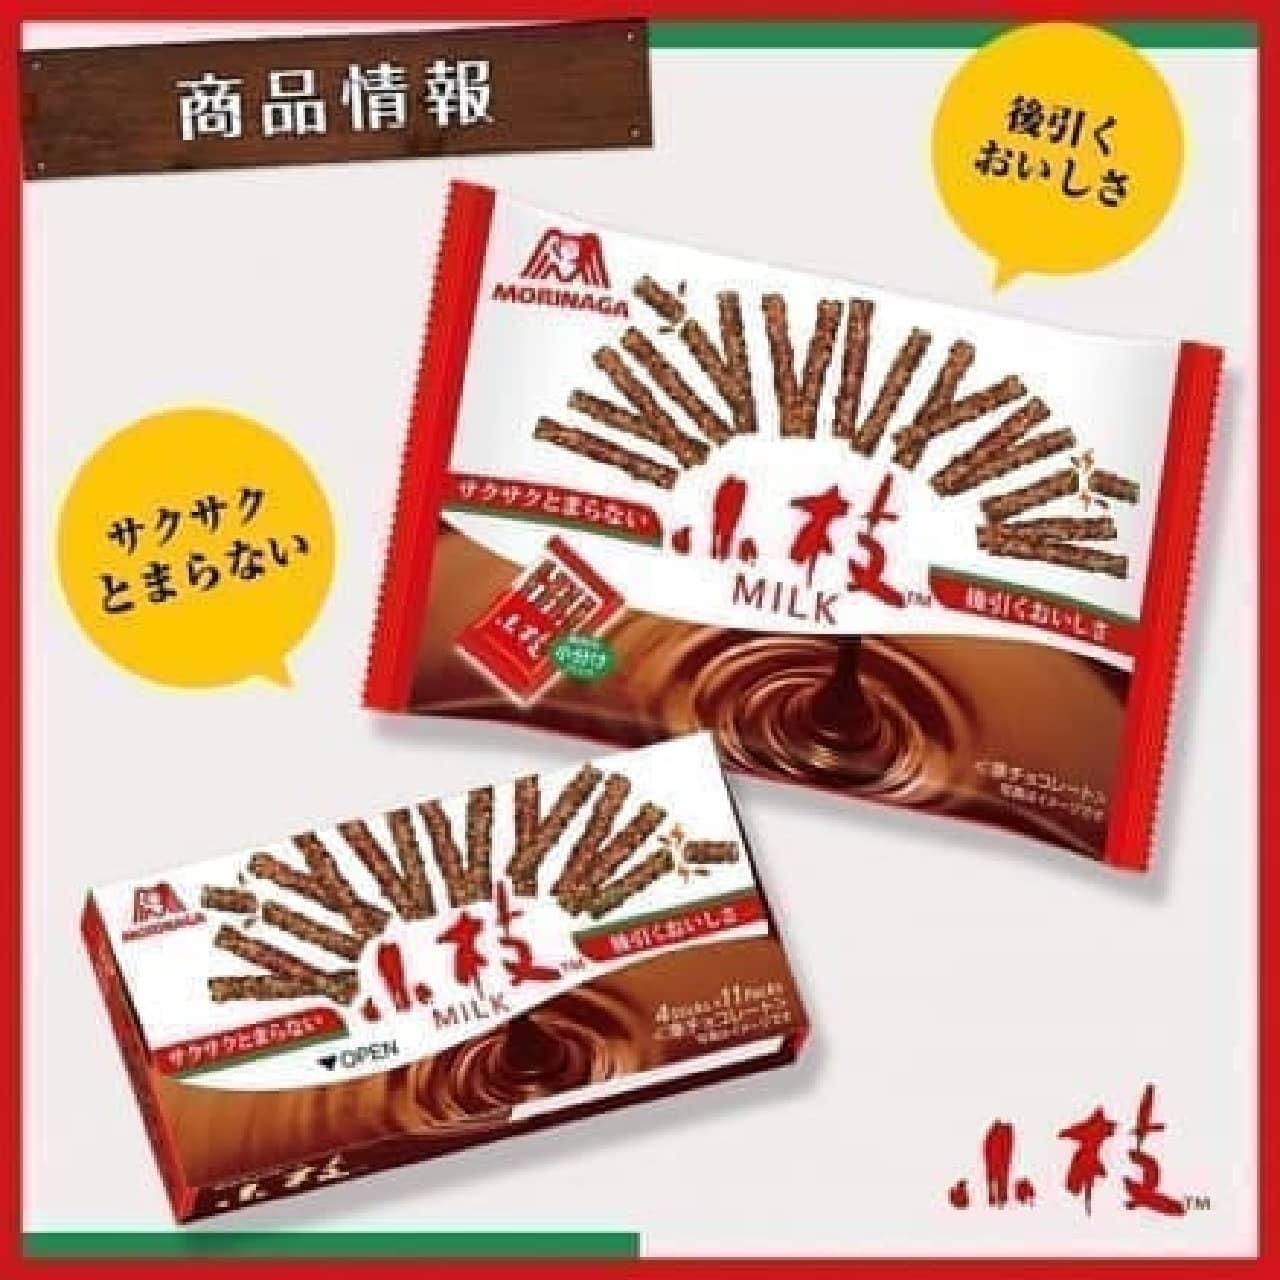 森永製菓の「小枝<ミルク>」